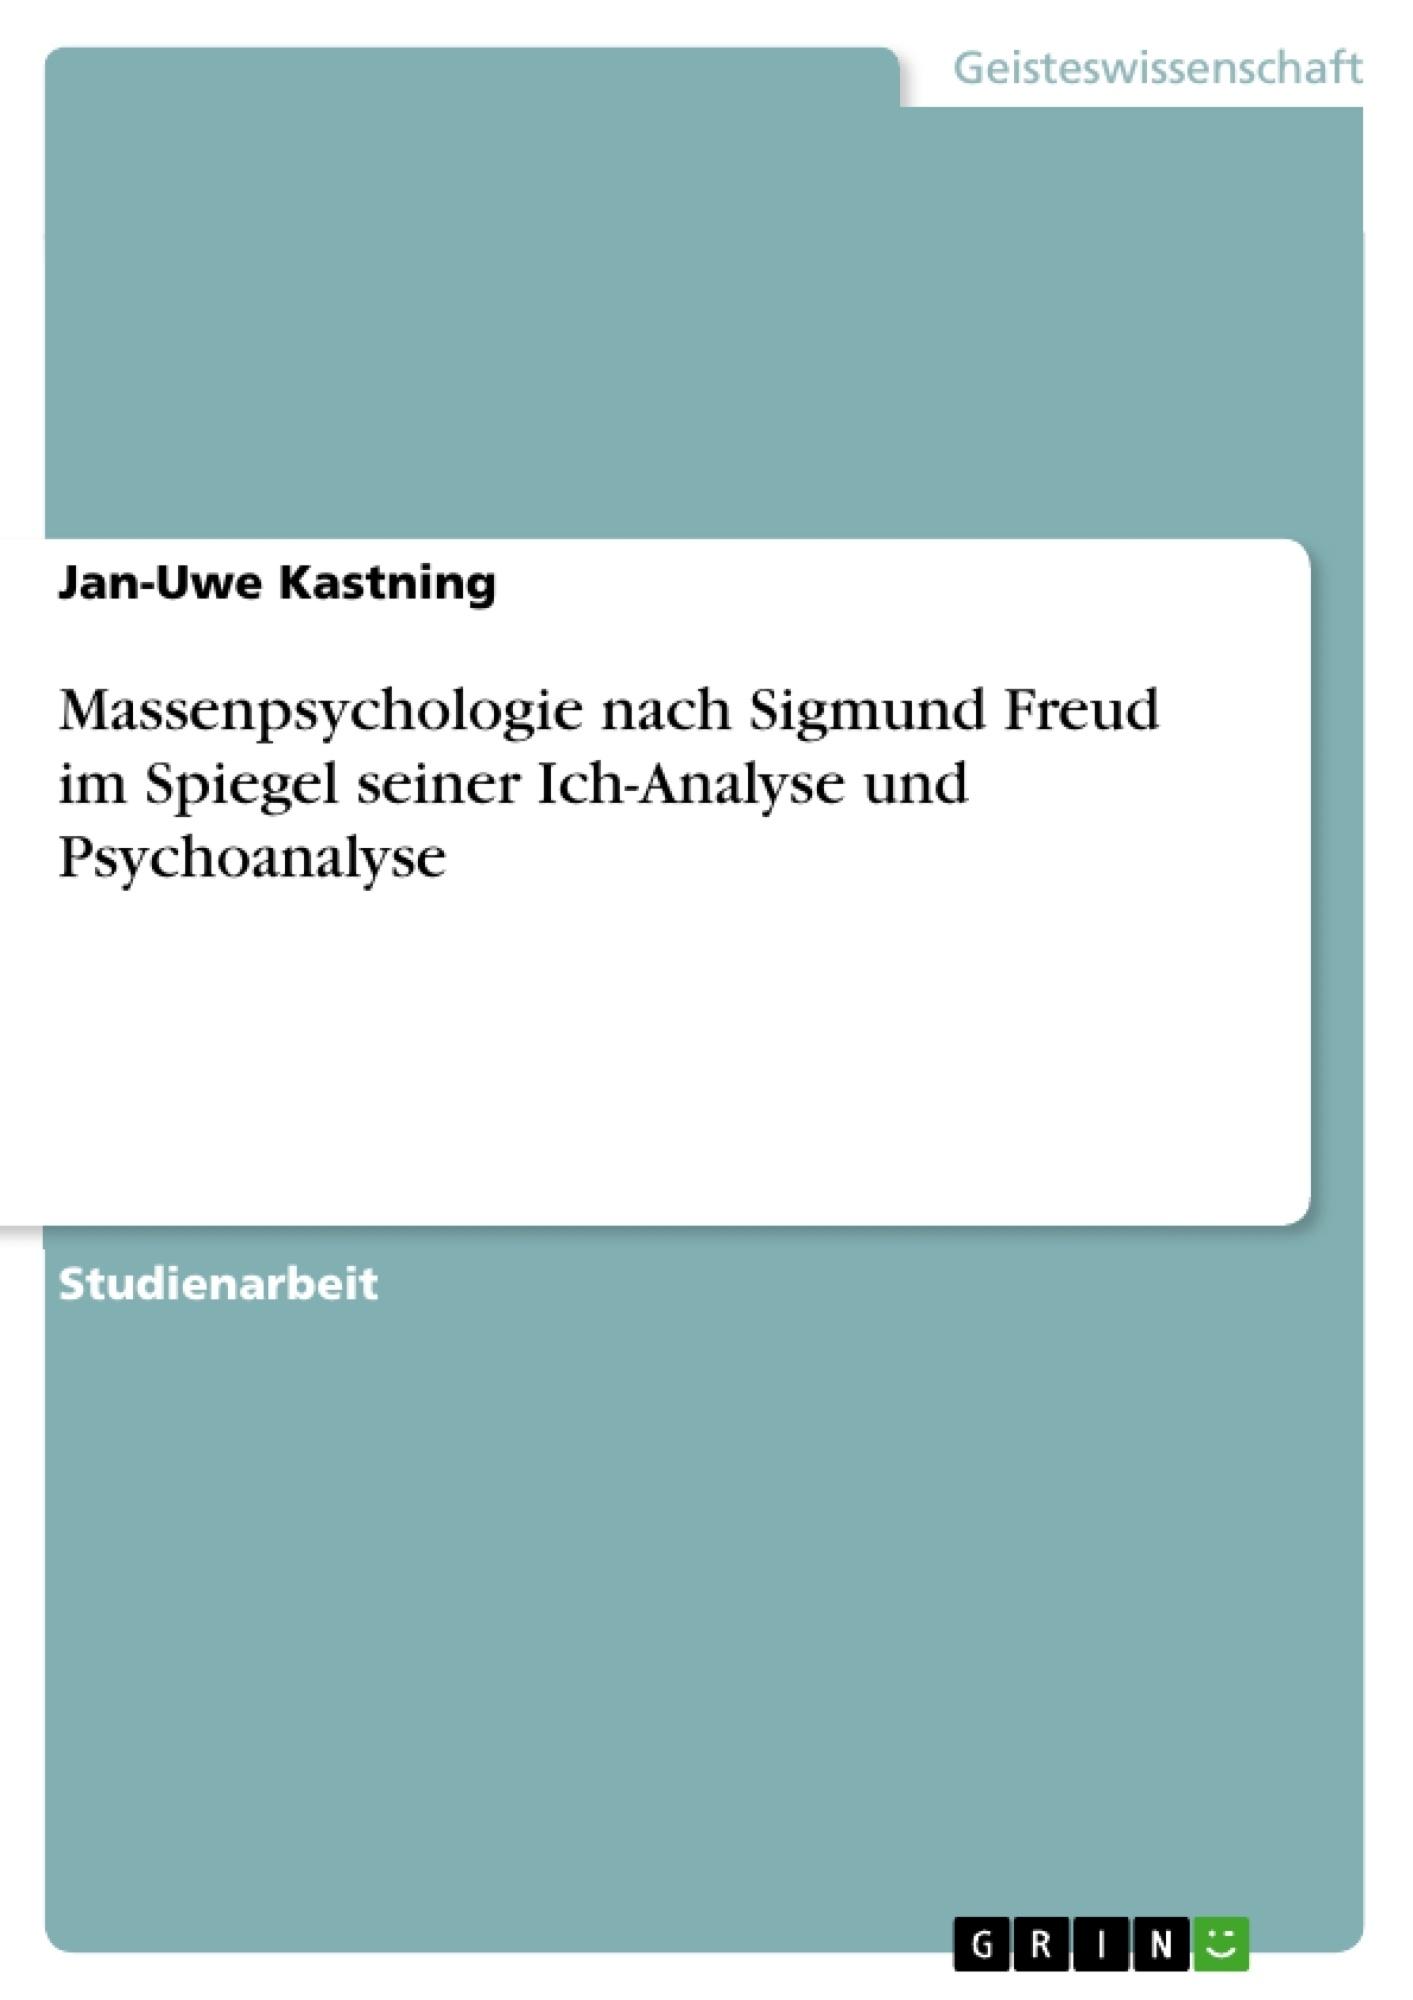 Titel: Massenpsychologie nach Sigmund Freud im Spiegel seiner Ich-Analyse und Psychoanalyse